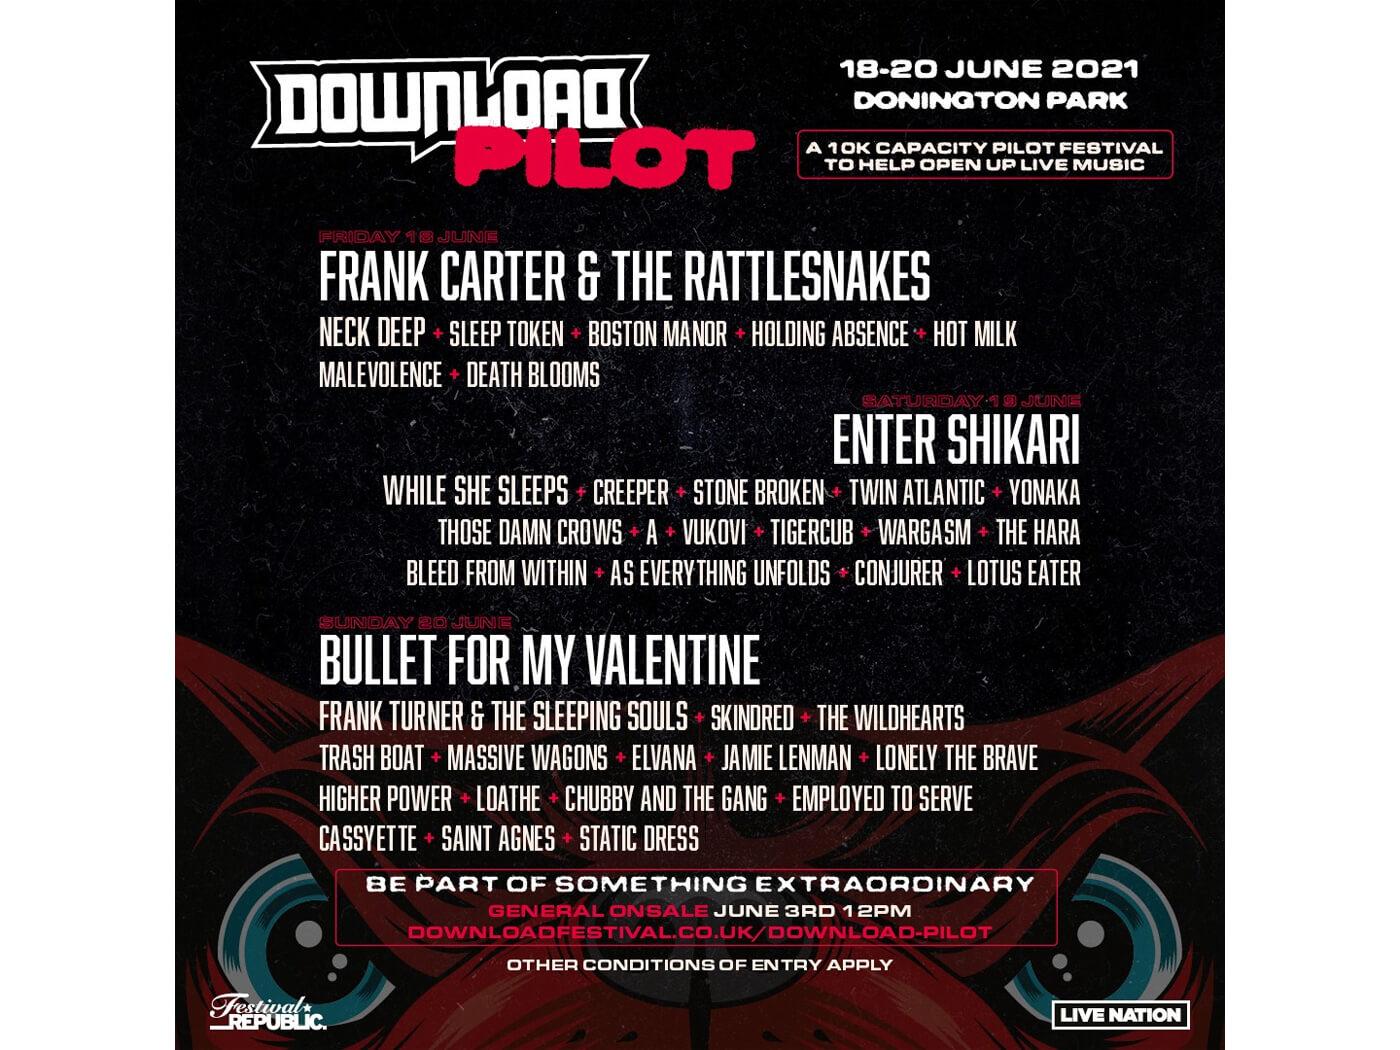 Download Pilot Festival